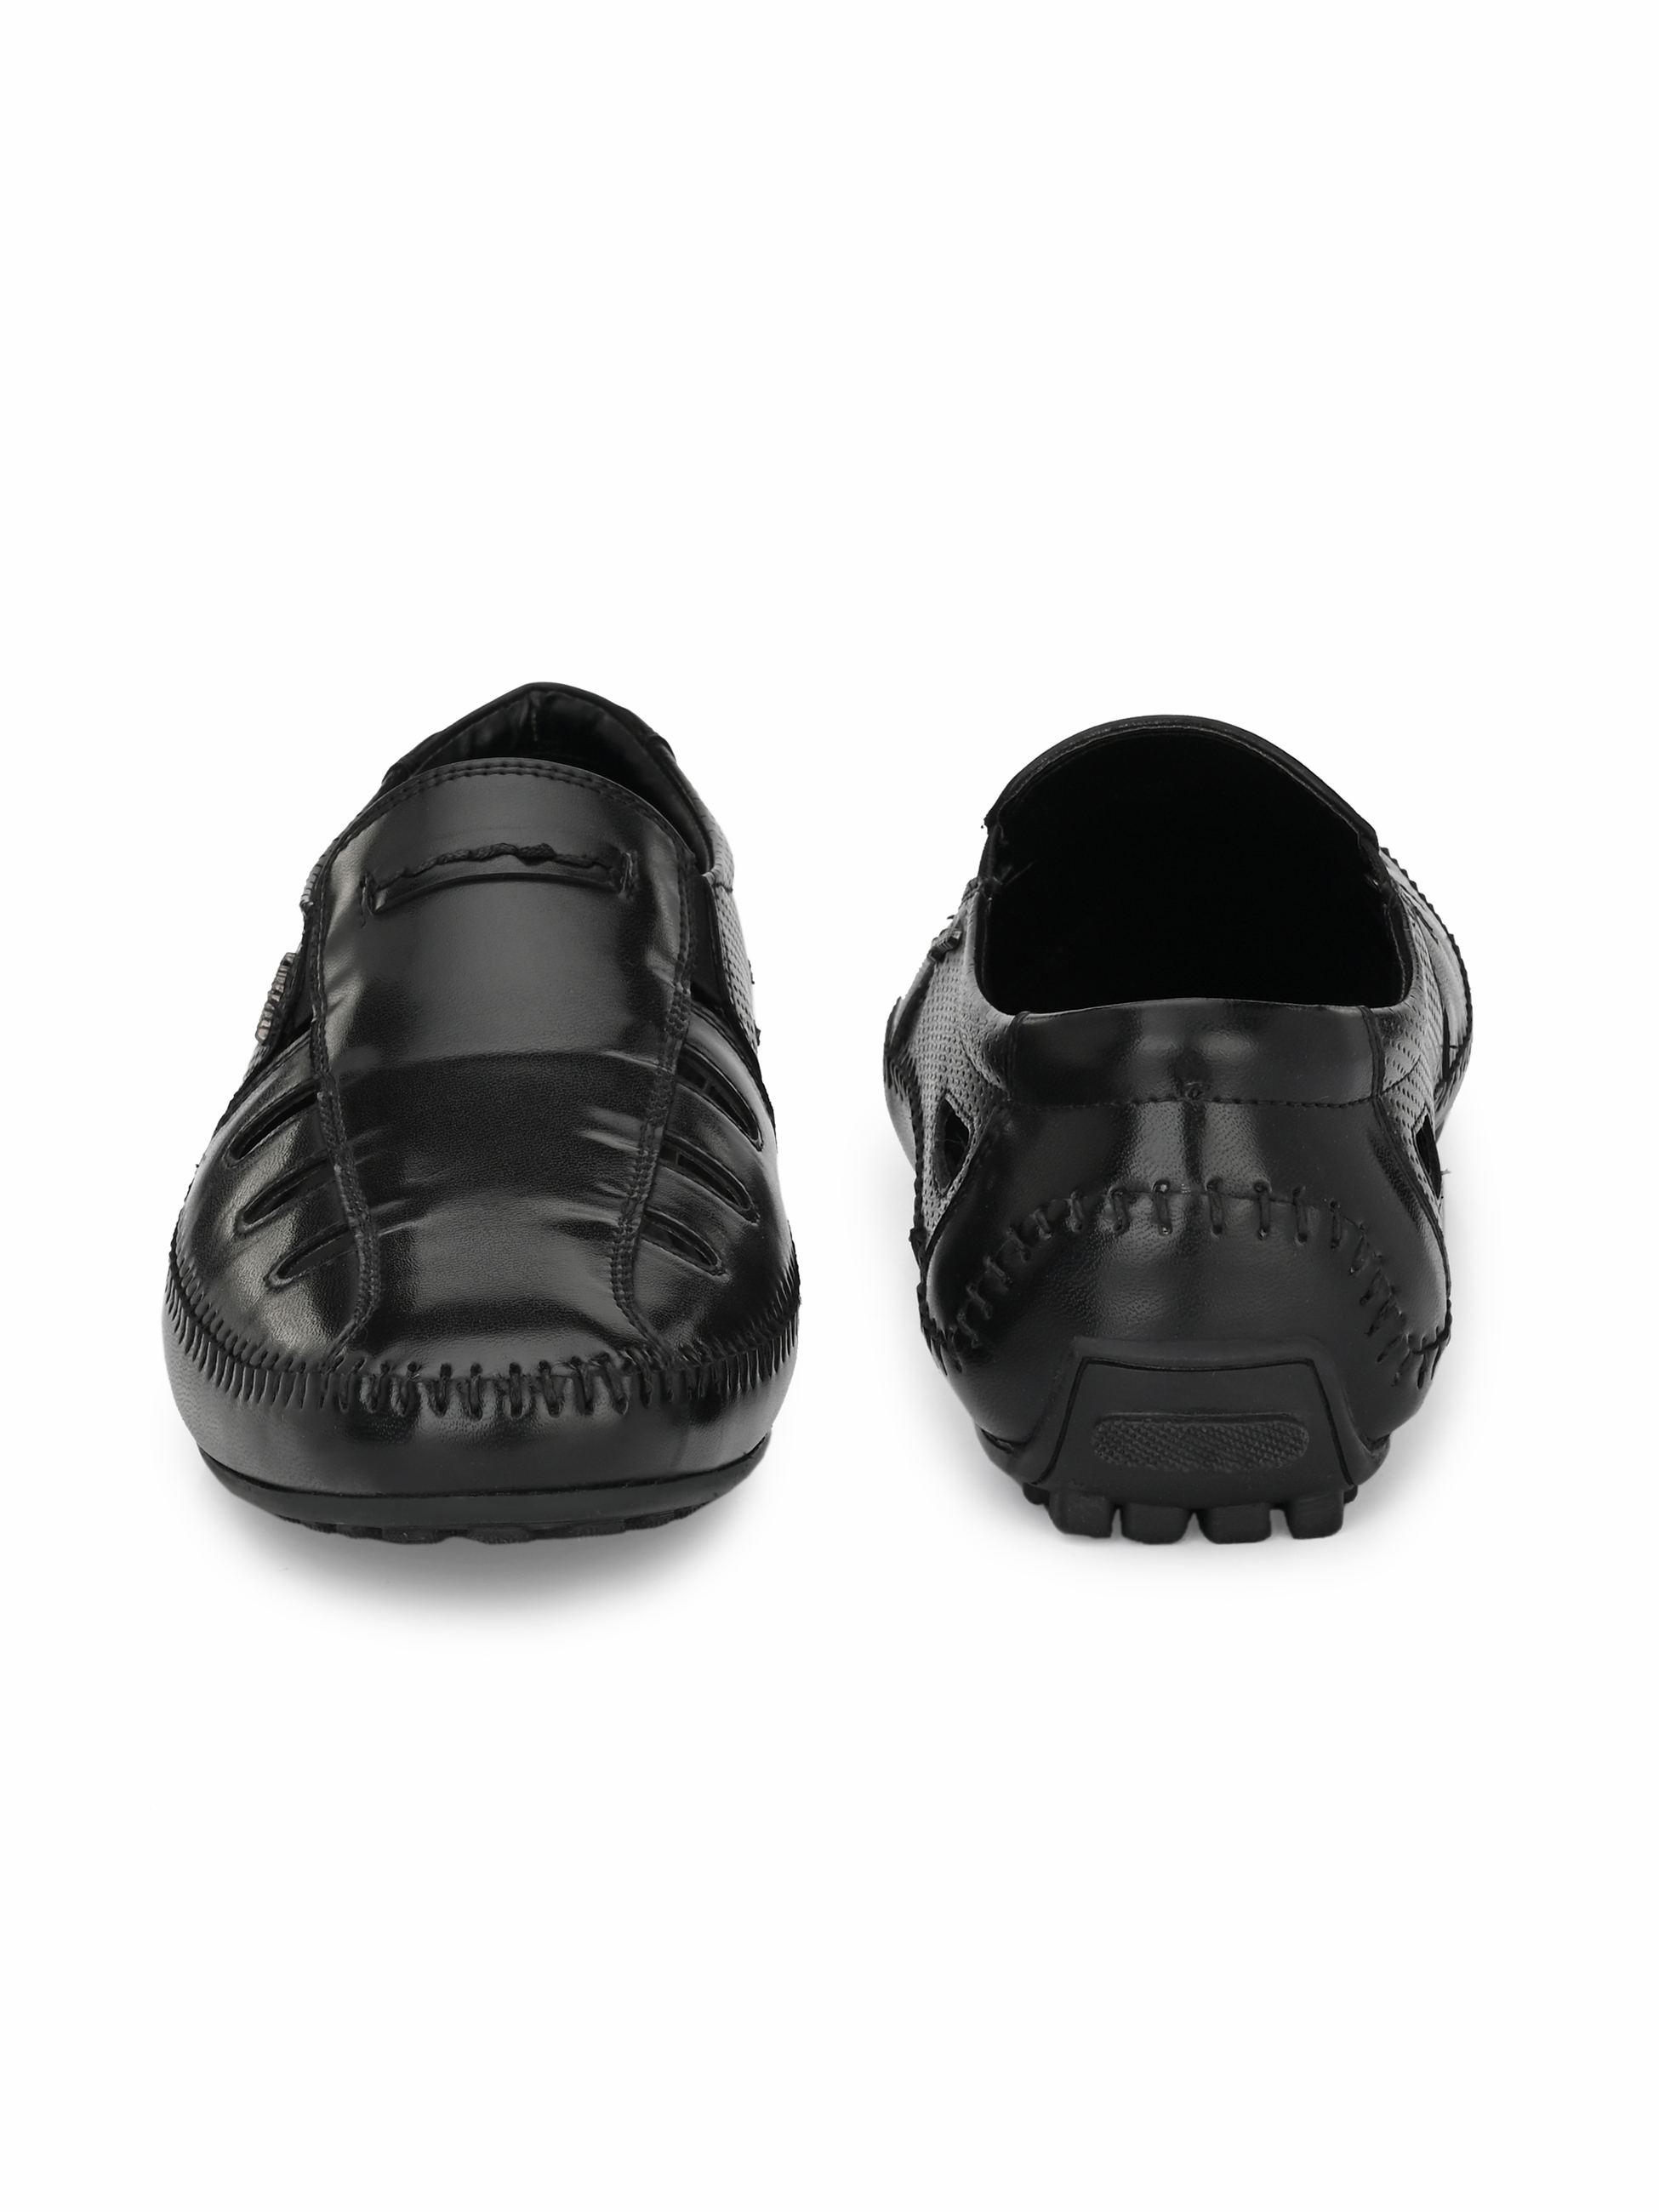 San Frissco | San Frissco Men's Faux Leather Friv Black Sandals